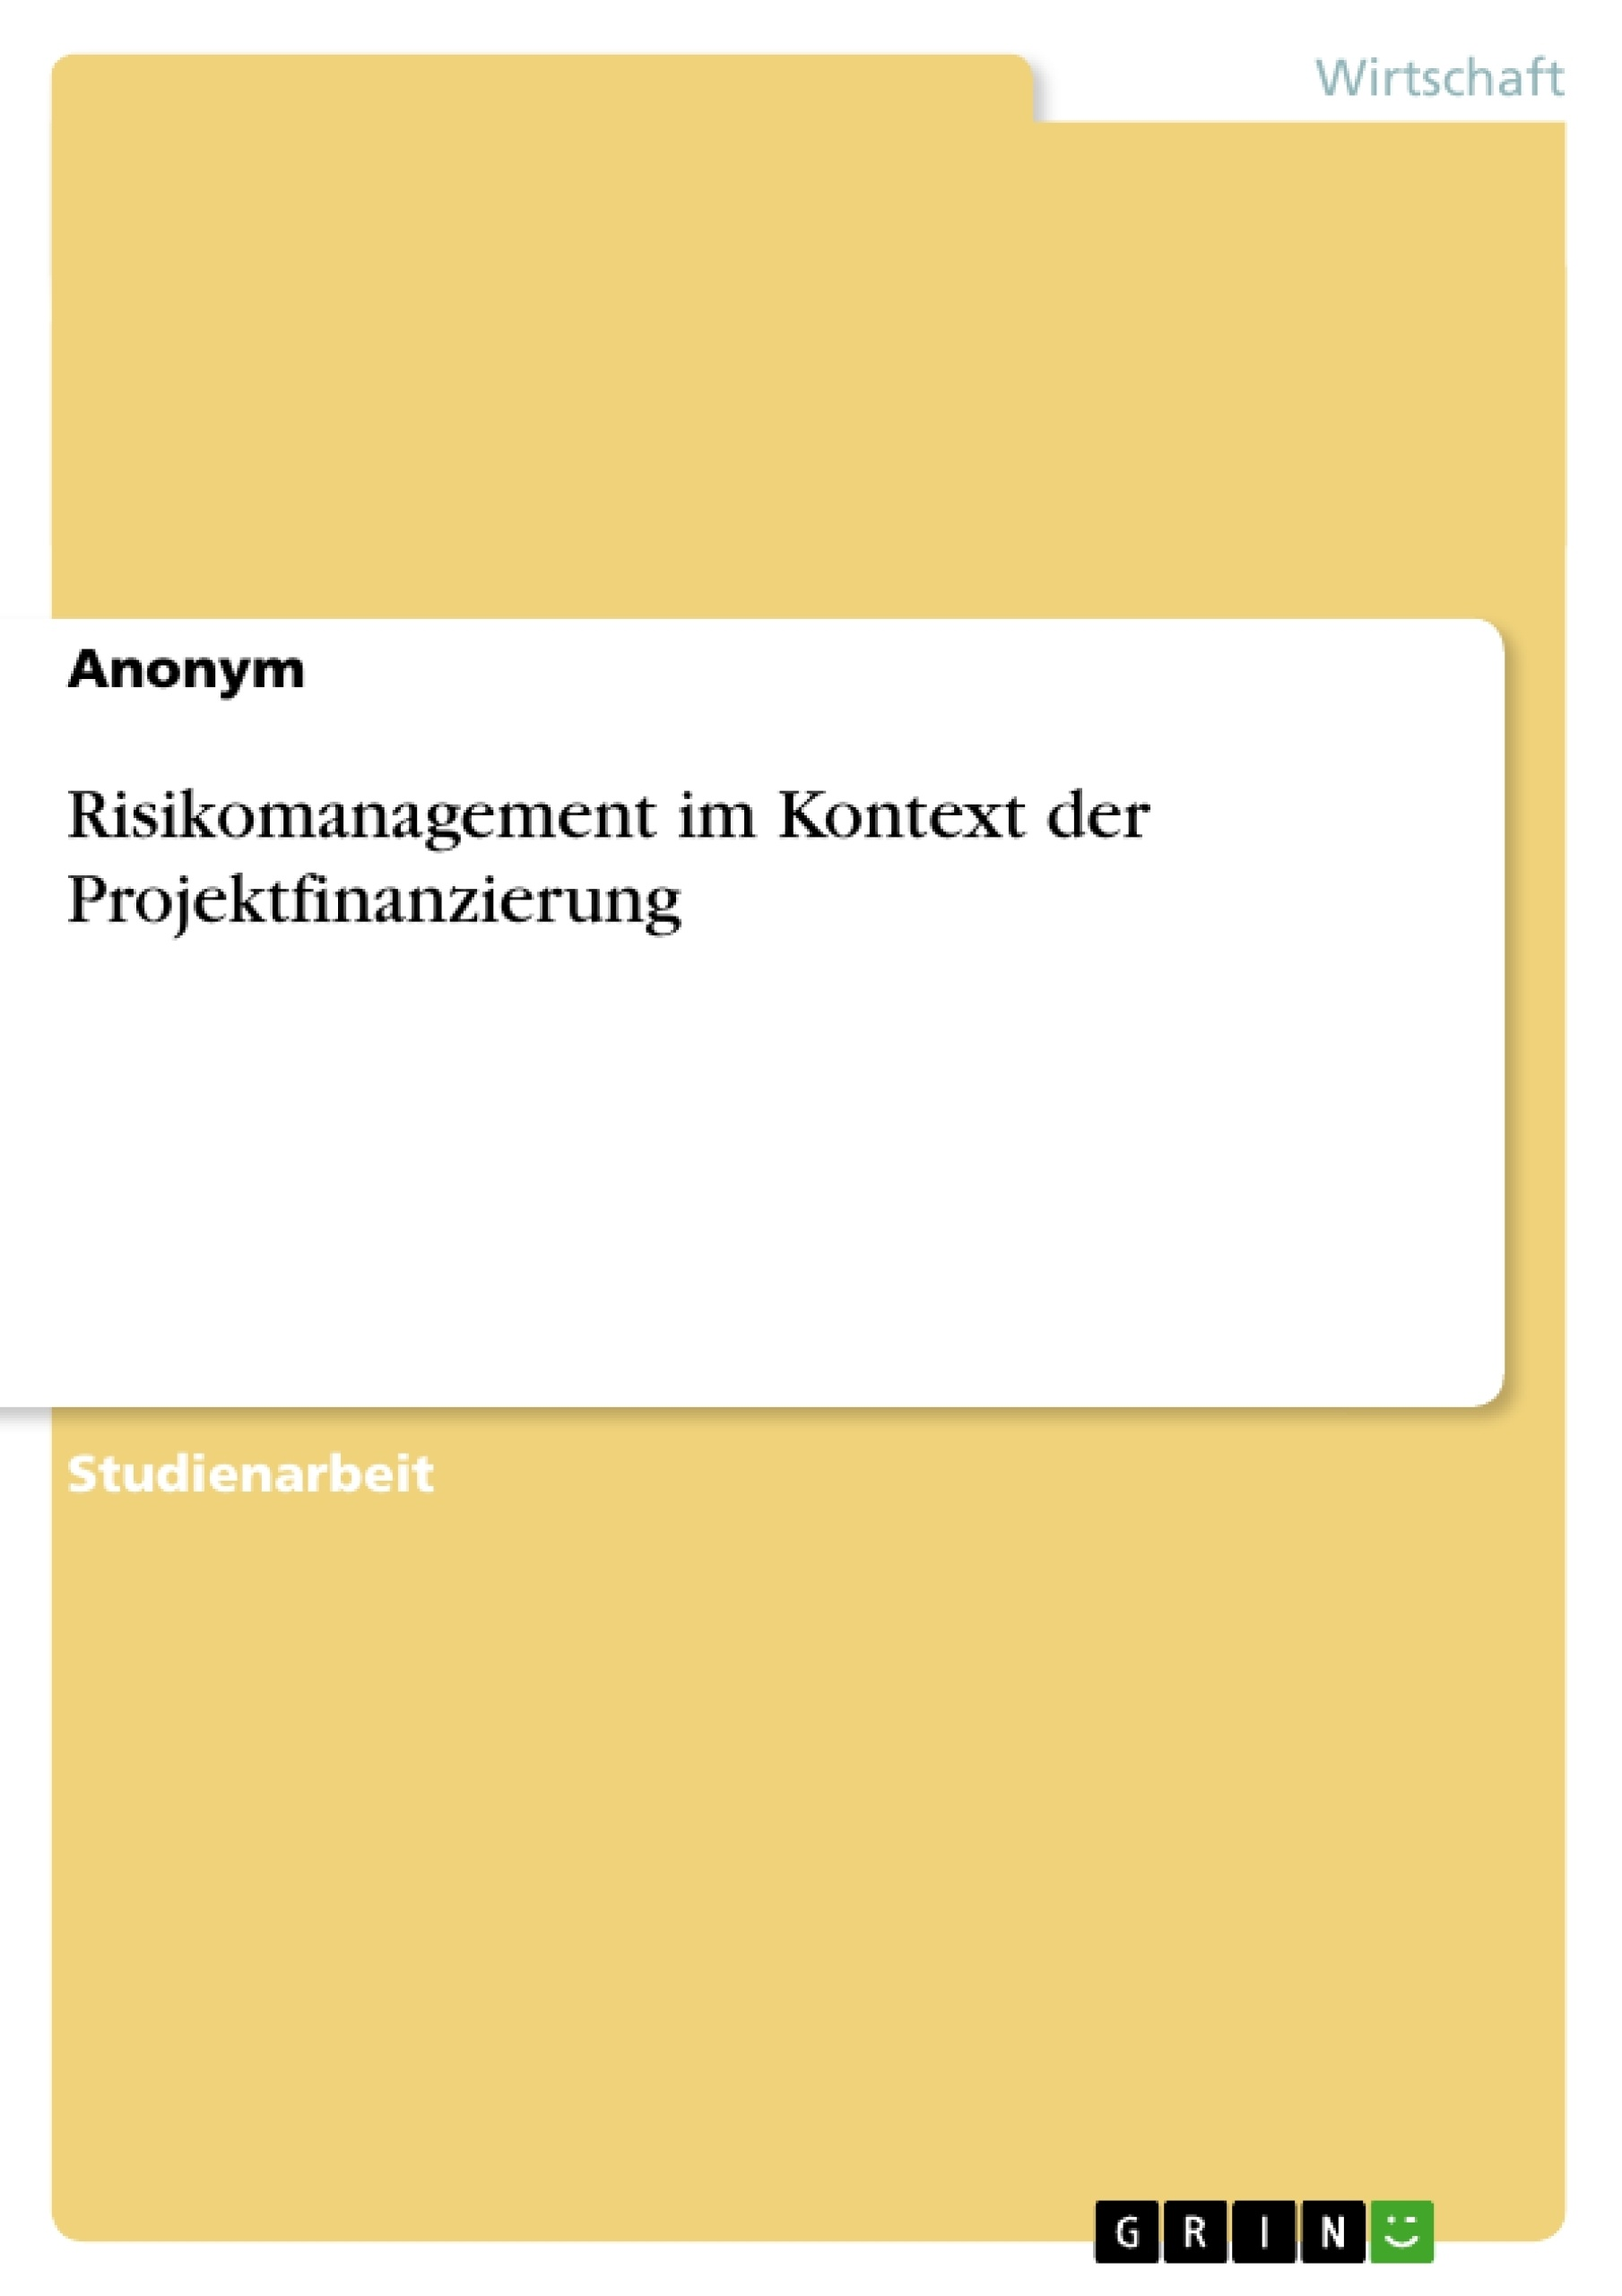 Titel: Risikomanagement im Kontext der Projektfinanzierung